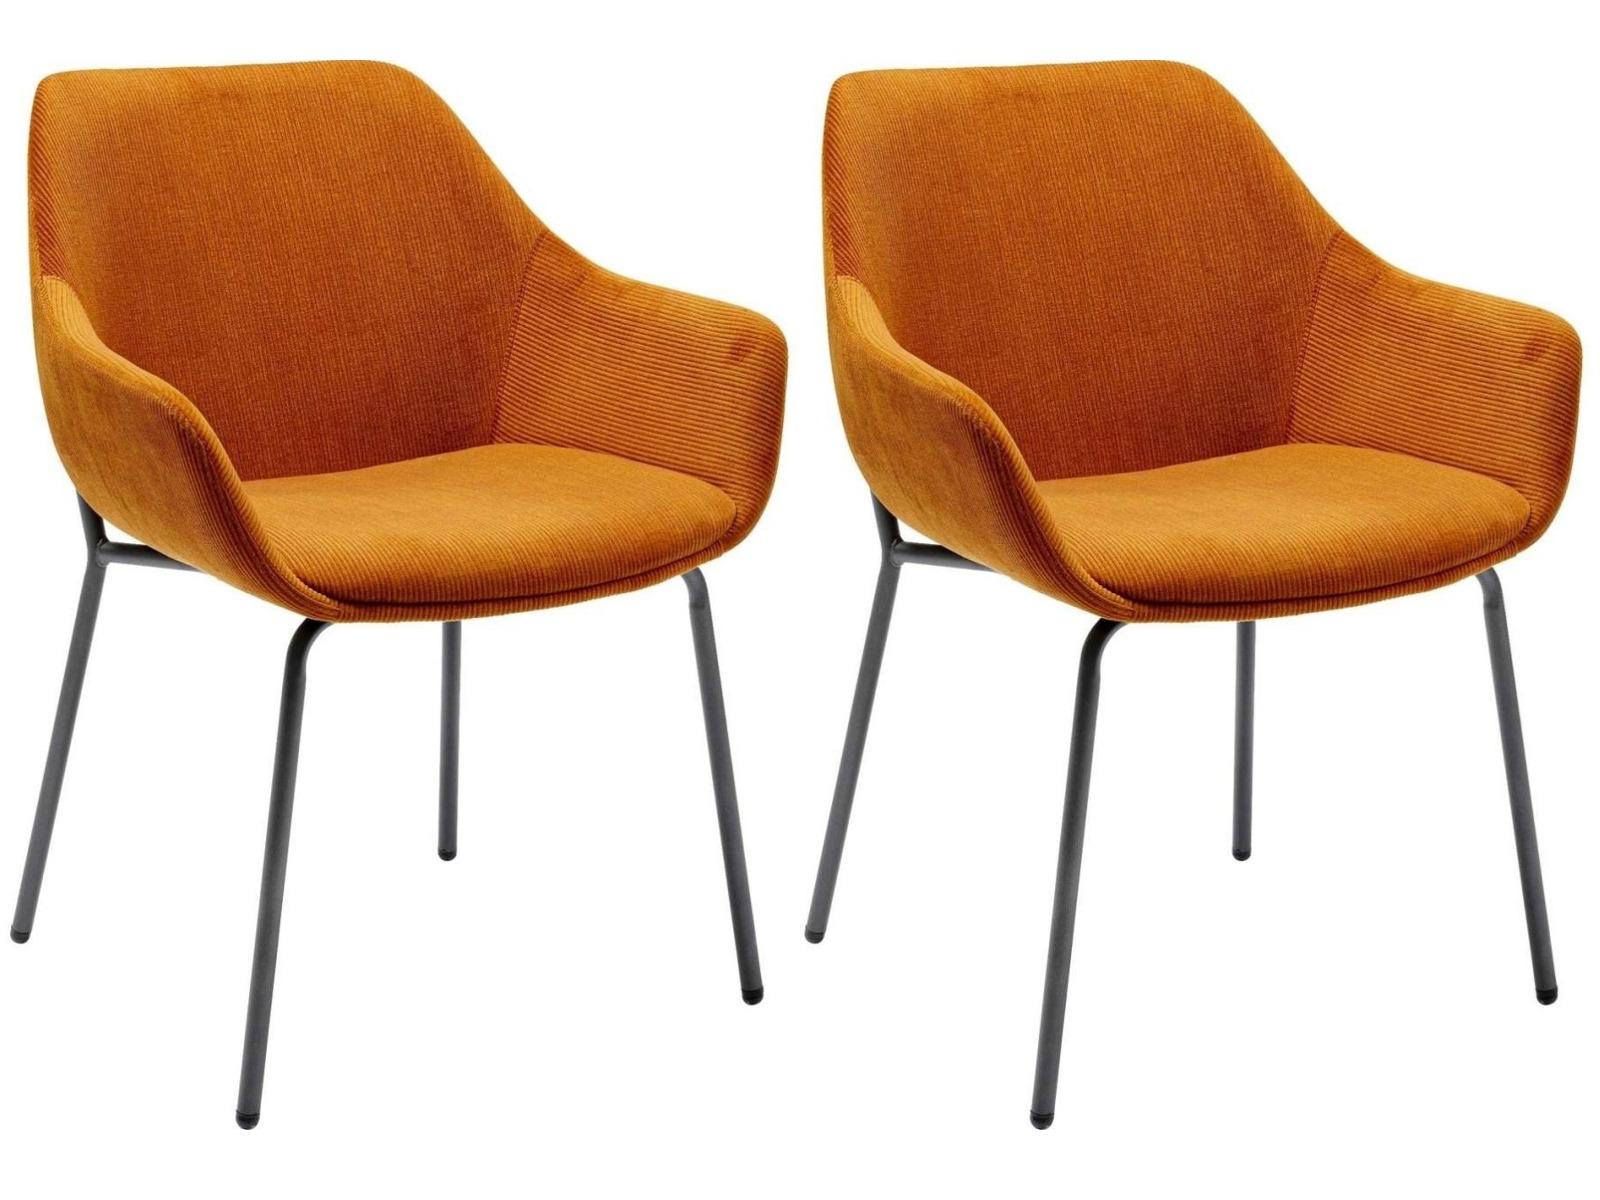 Kare Design Avignon Eetkamerstoel Armleuningen – Set Van 2 – Oranje Velours Ribstof – Zwart Metalen Poten | 4025621800200